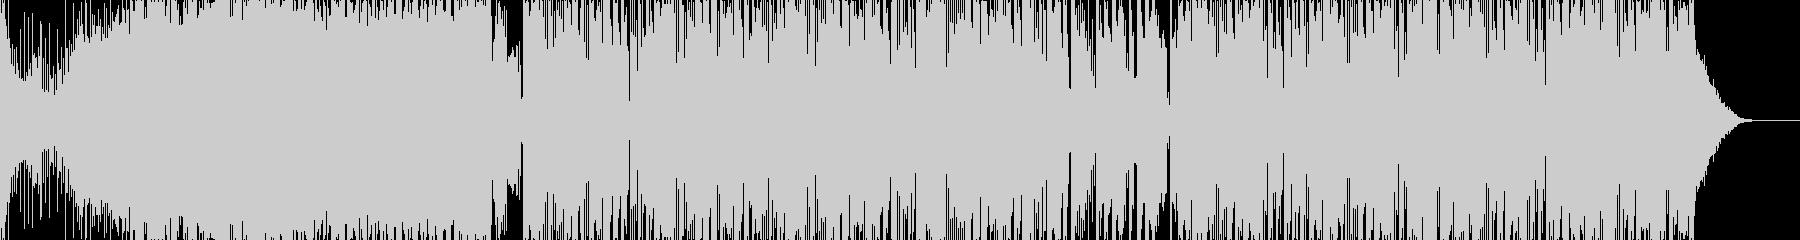 ガッツリ煽り感のあるEDMの未再生の波形